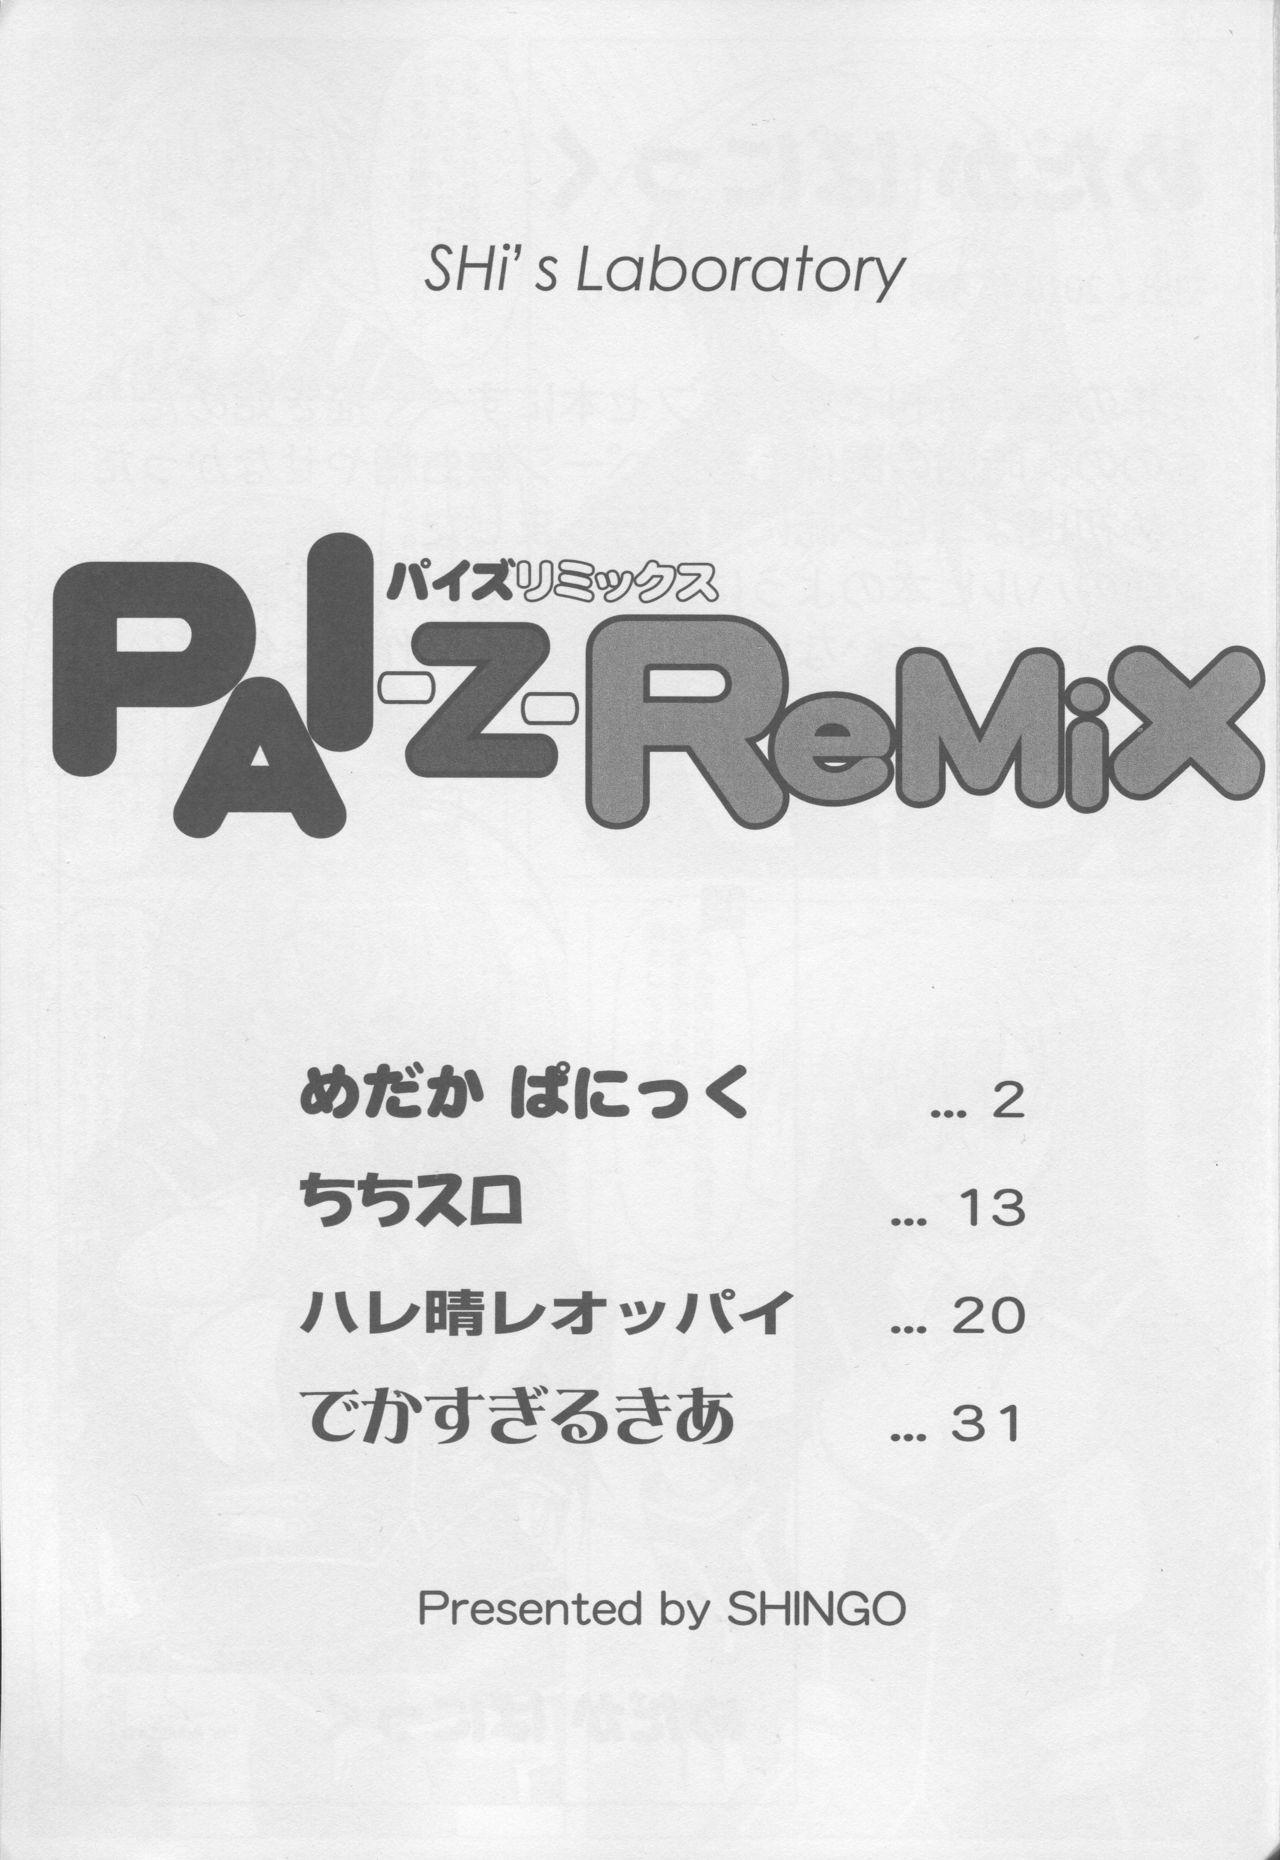 (Tora Matsuri 2010) [SHi's Laboratory (SHINGO)] PAI-Z-ReMix (Various) 1